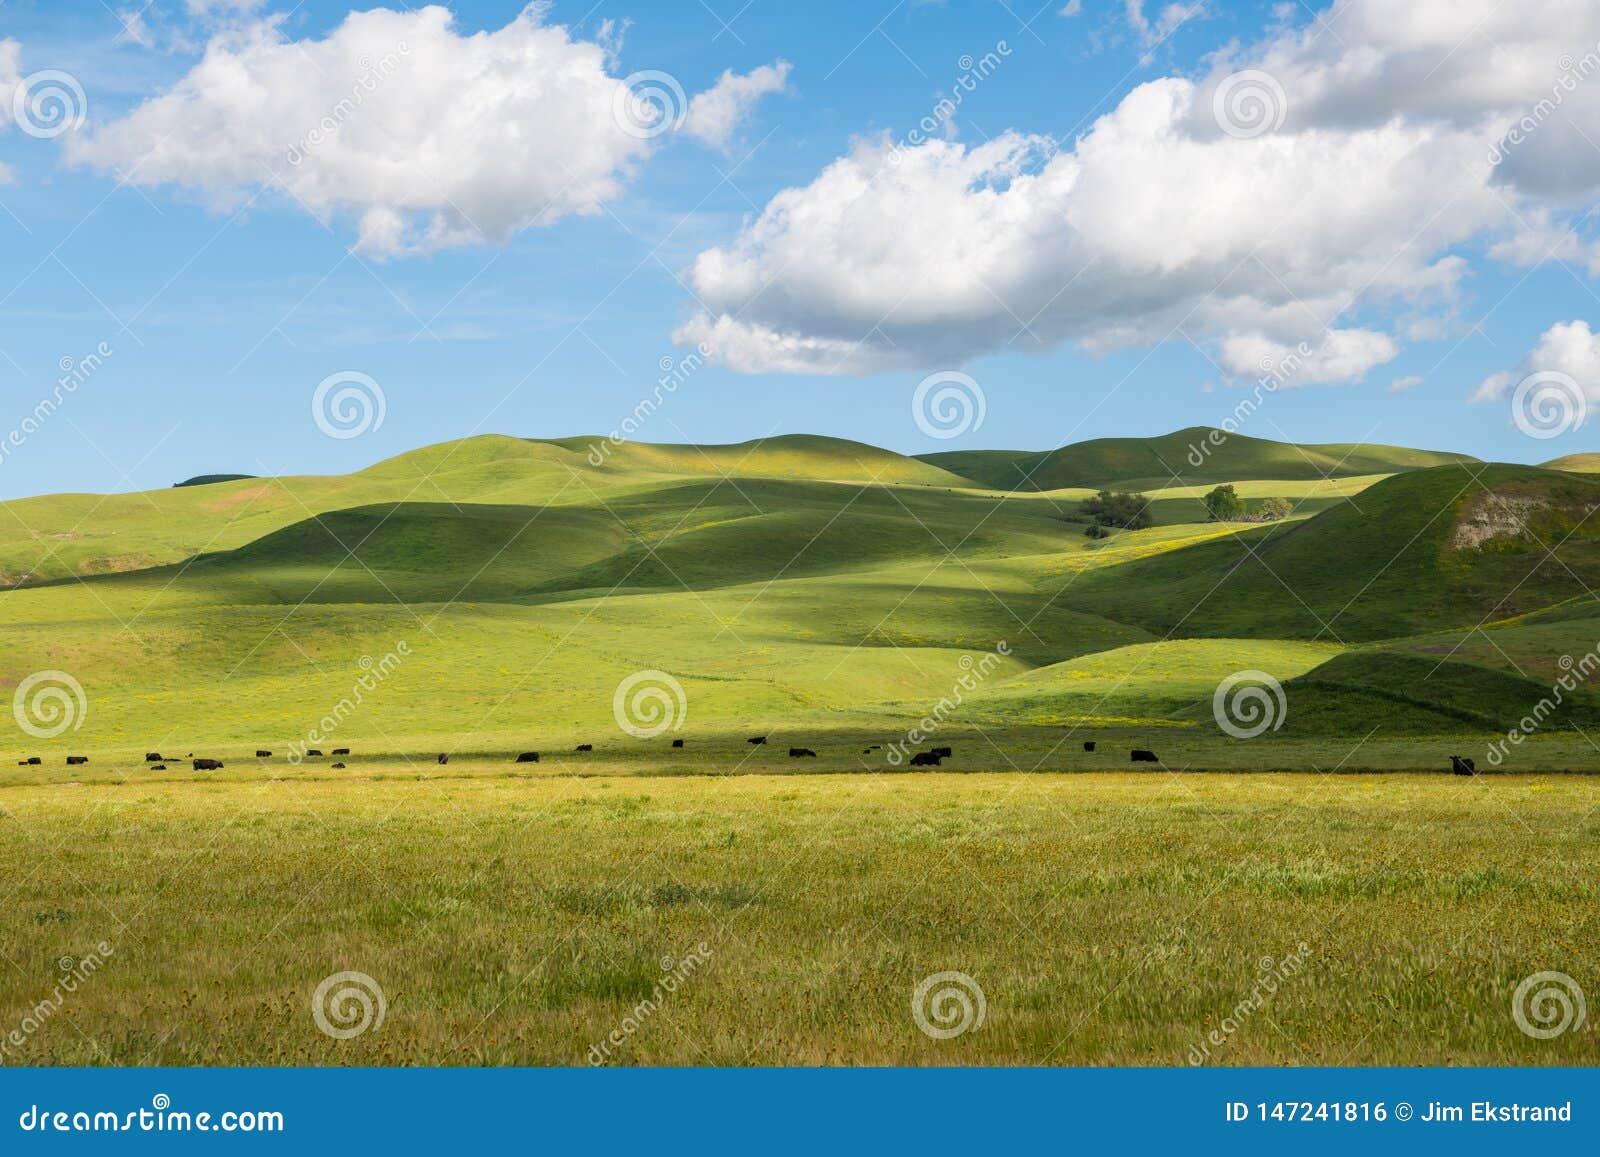 En flock av nötkreatur som betar i sol-fläckiga frodiga gröna grässlättar och Rolling Hills under en härlig blå himmel med pösiga